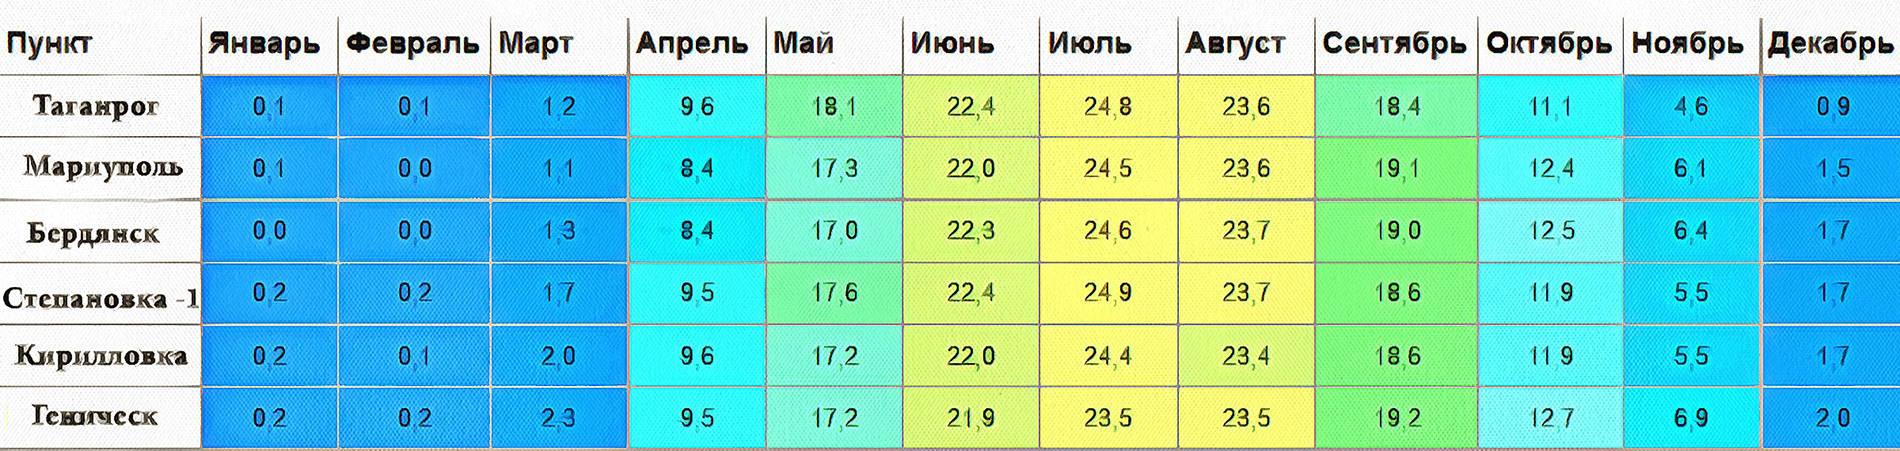 Температура Азовского моря Летом